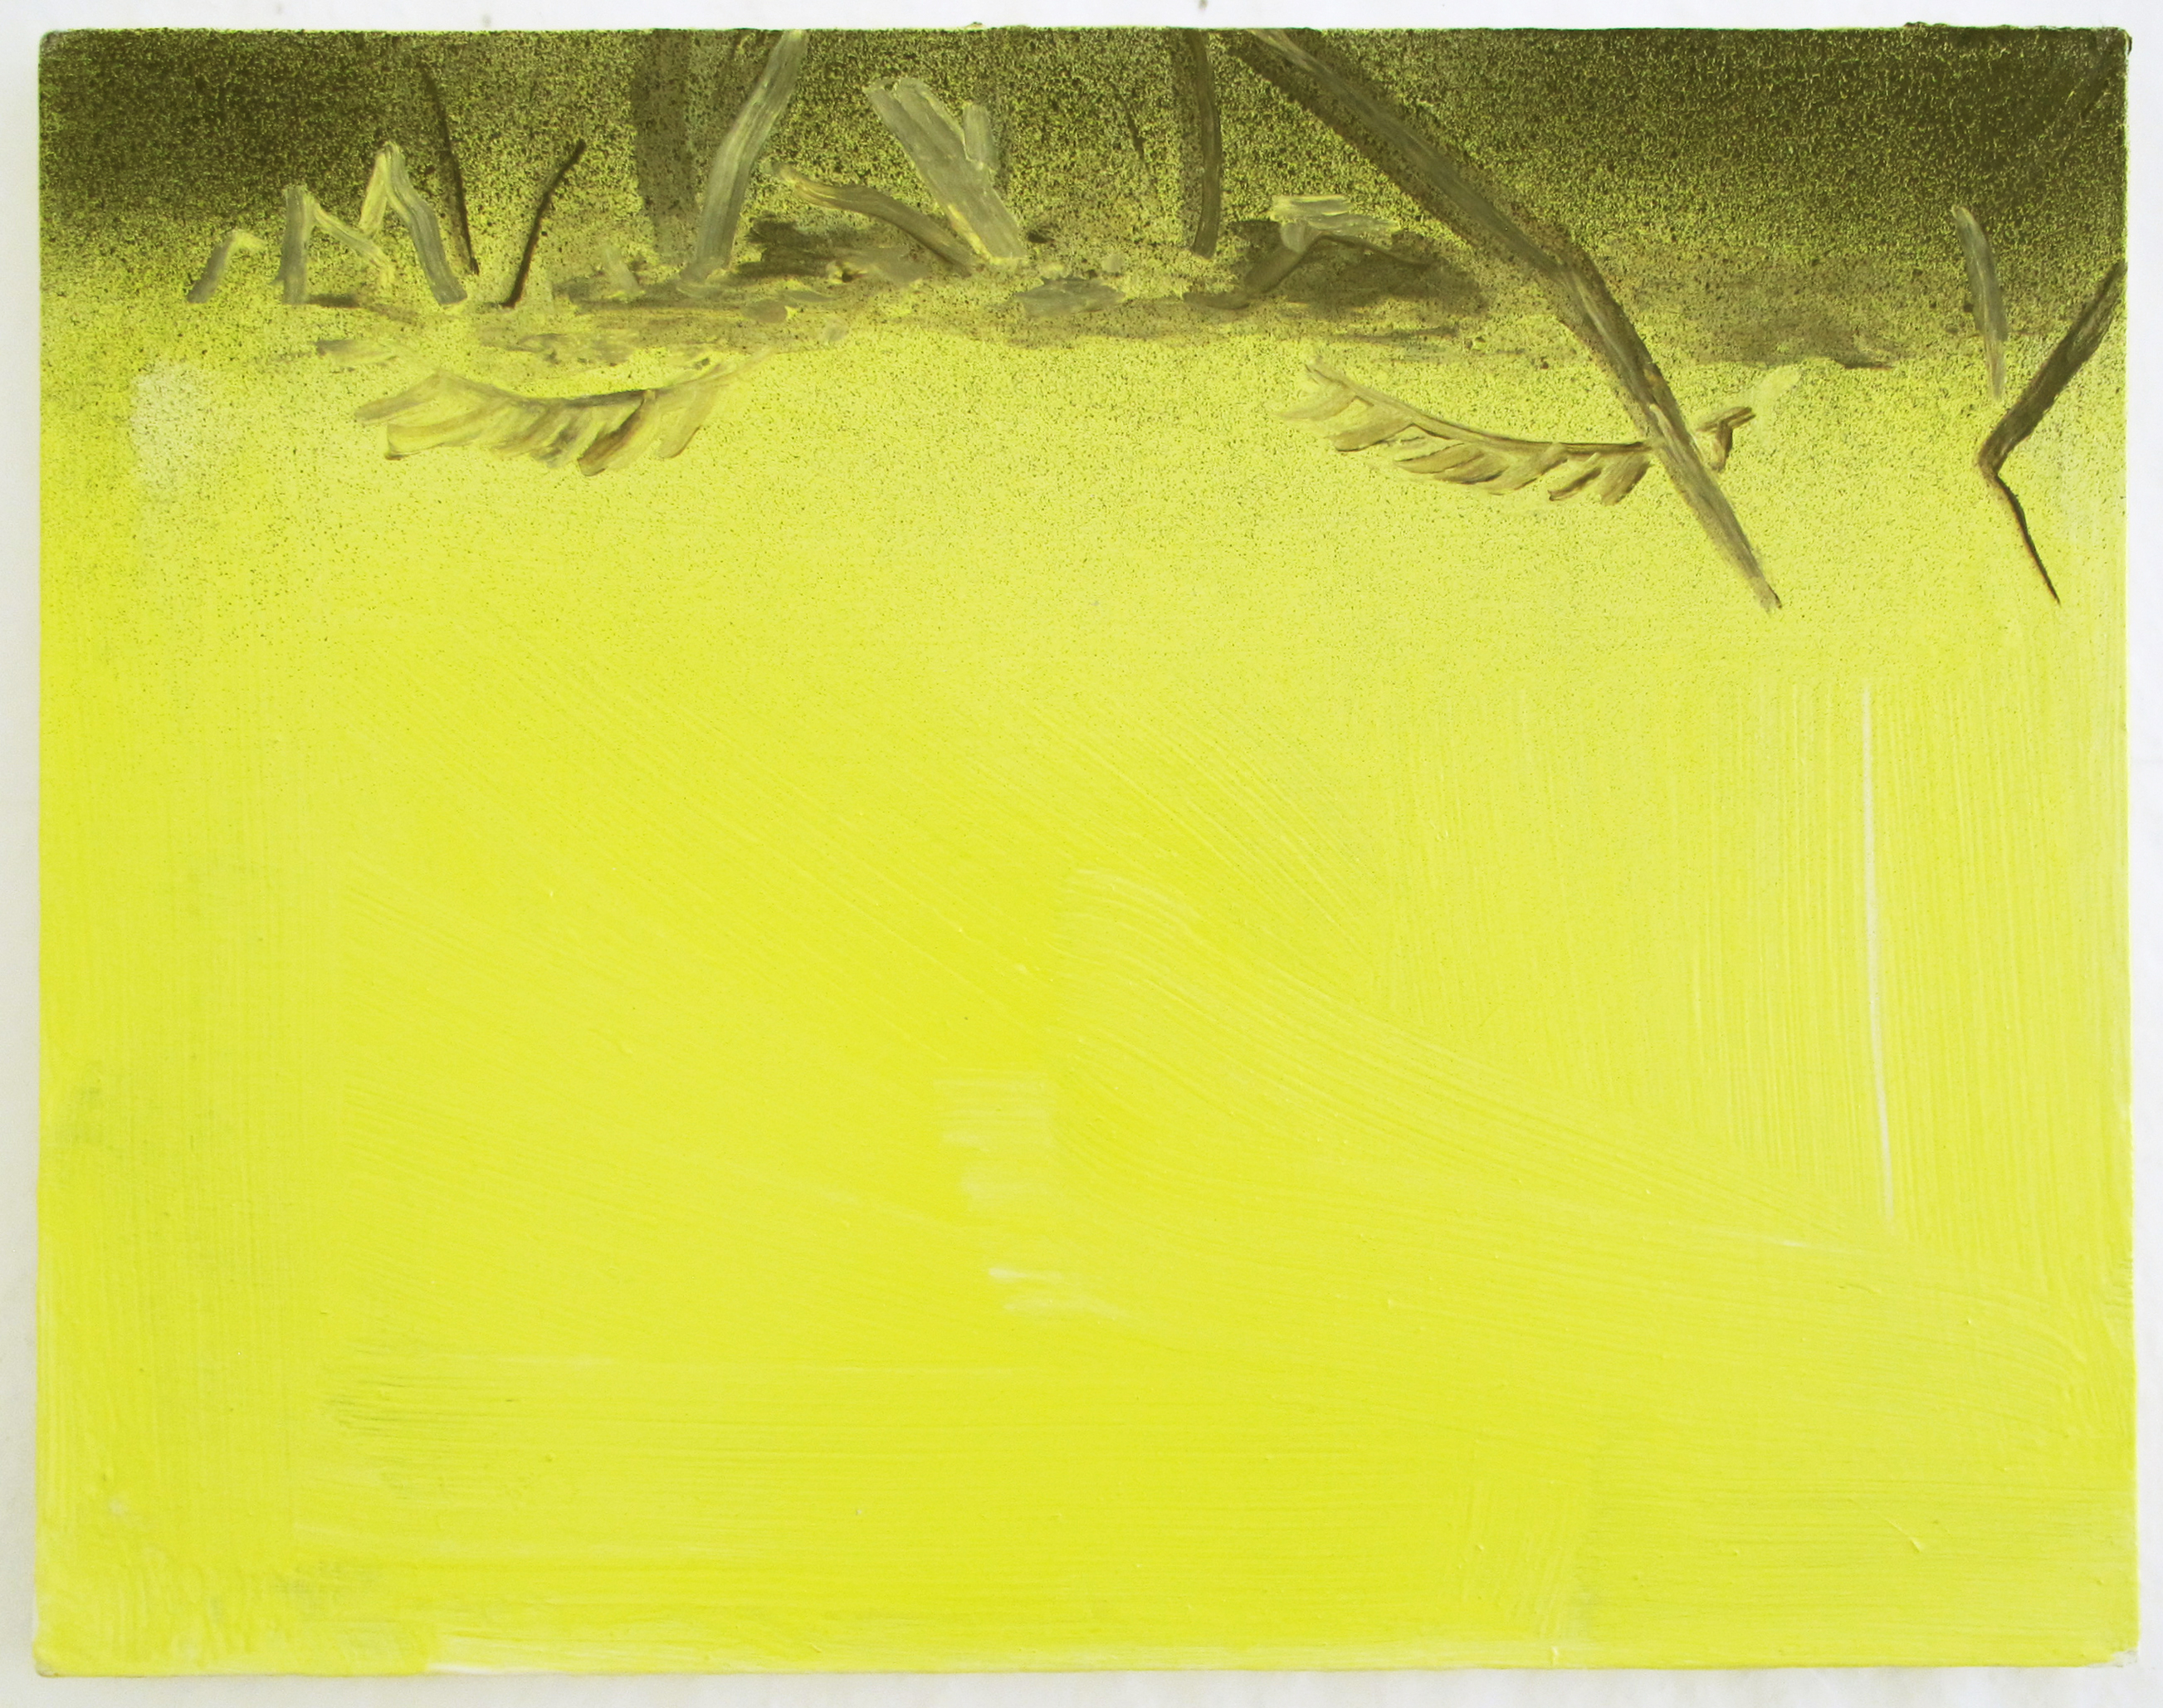 pupils-landscape, oil on canvas, 35 x 45 cm, 2017